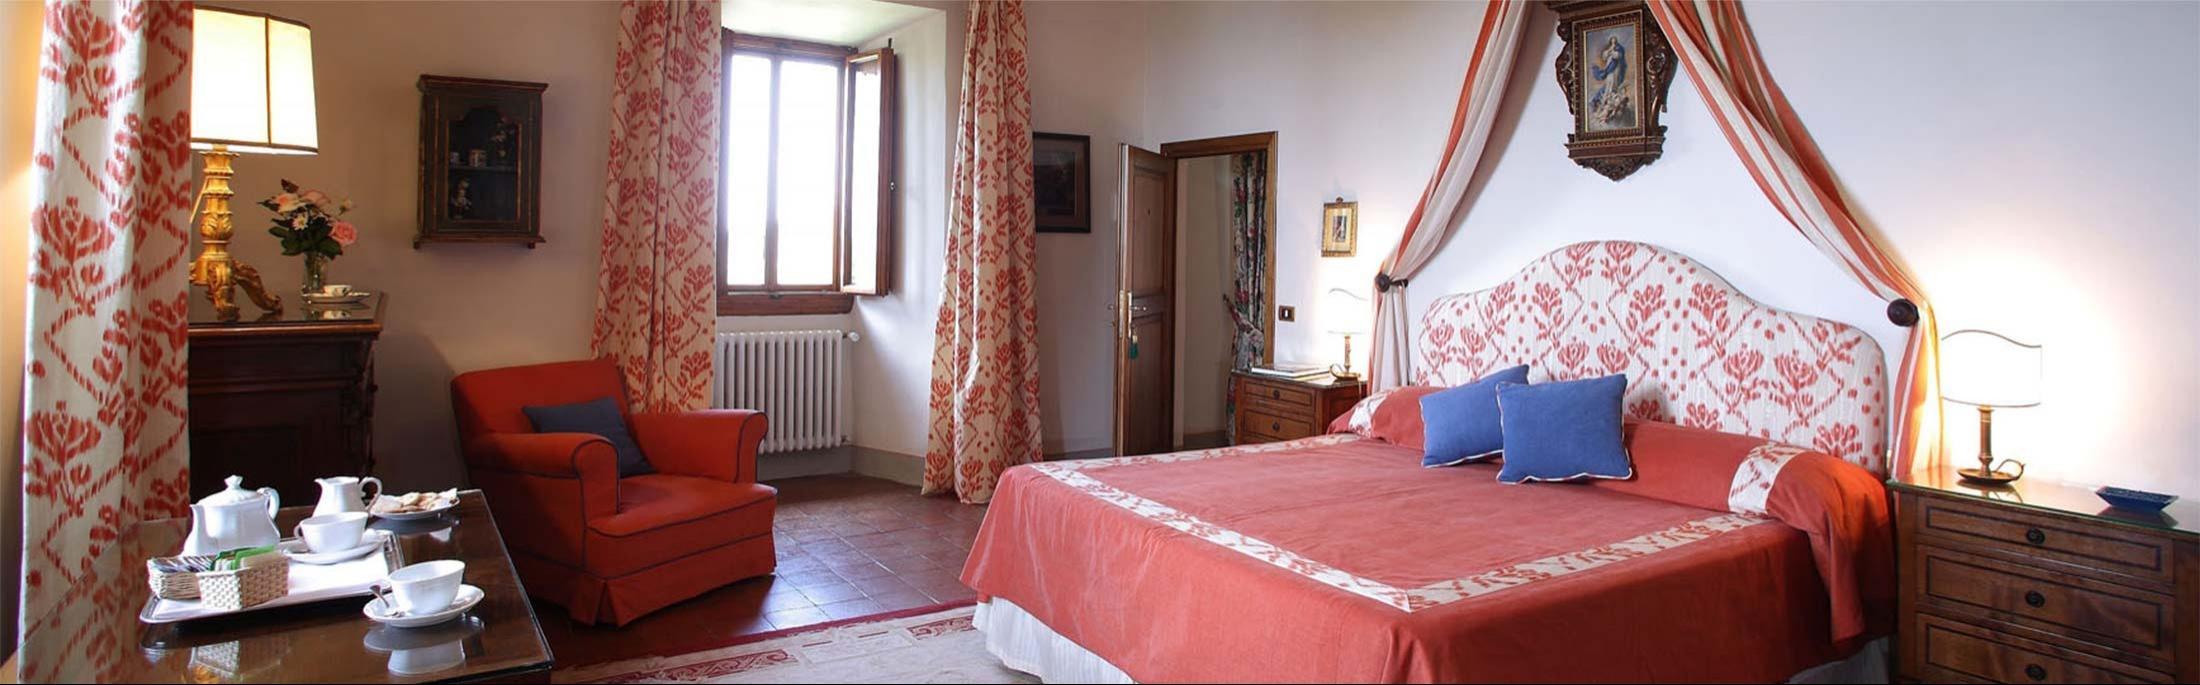 Villa Le Barone - Habitación